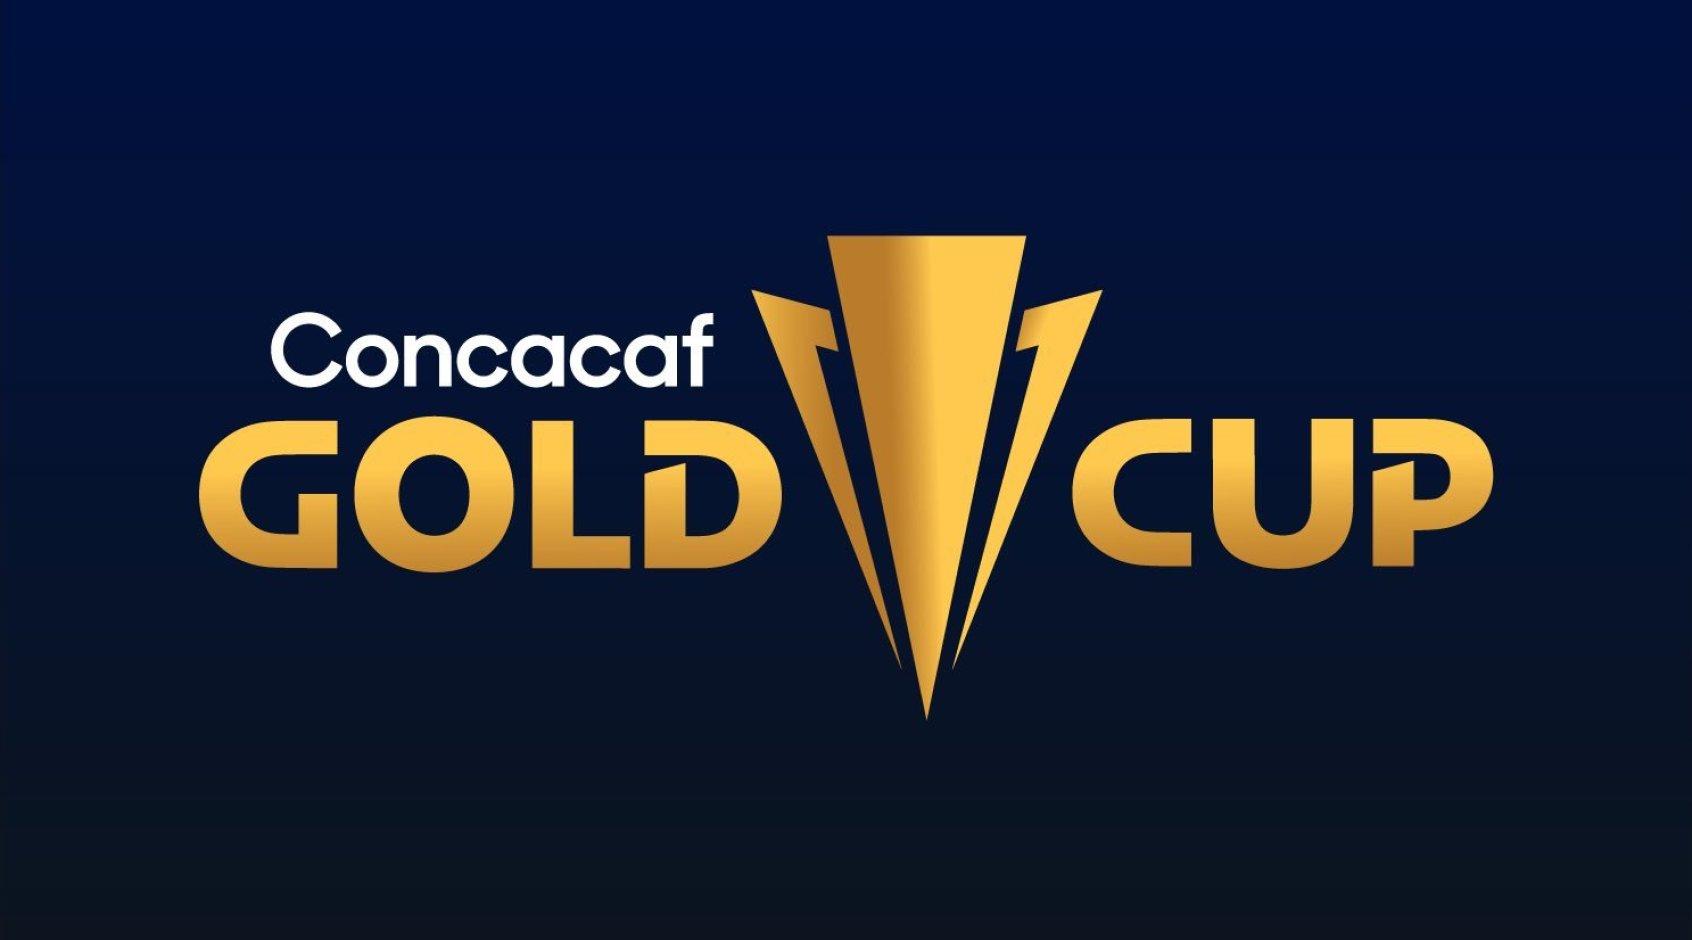 Стали известны все участники 1/4 финала Золотого кубка КОНКАКАФ-2021